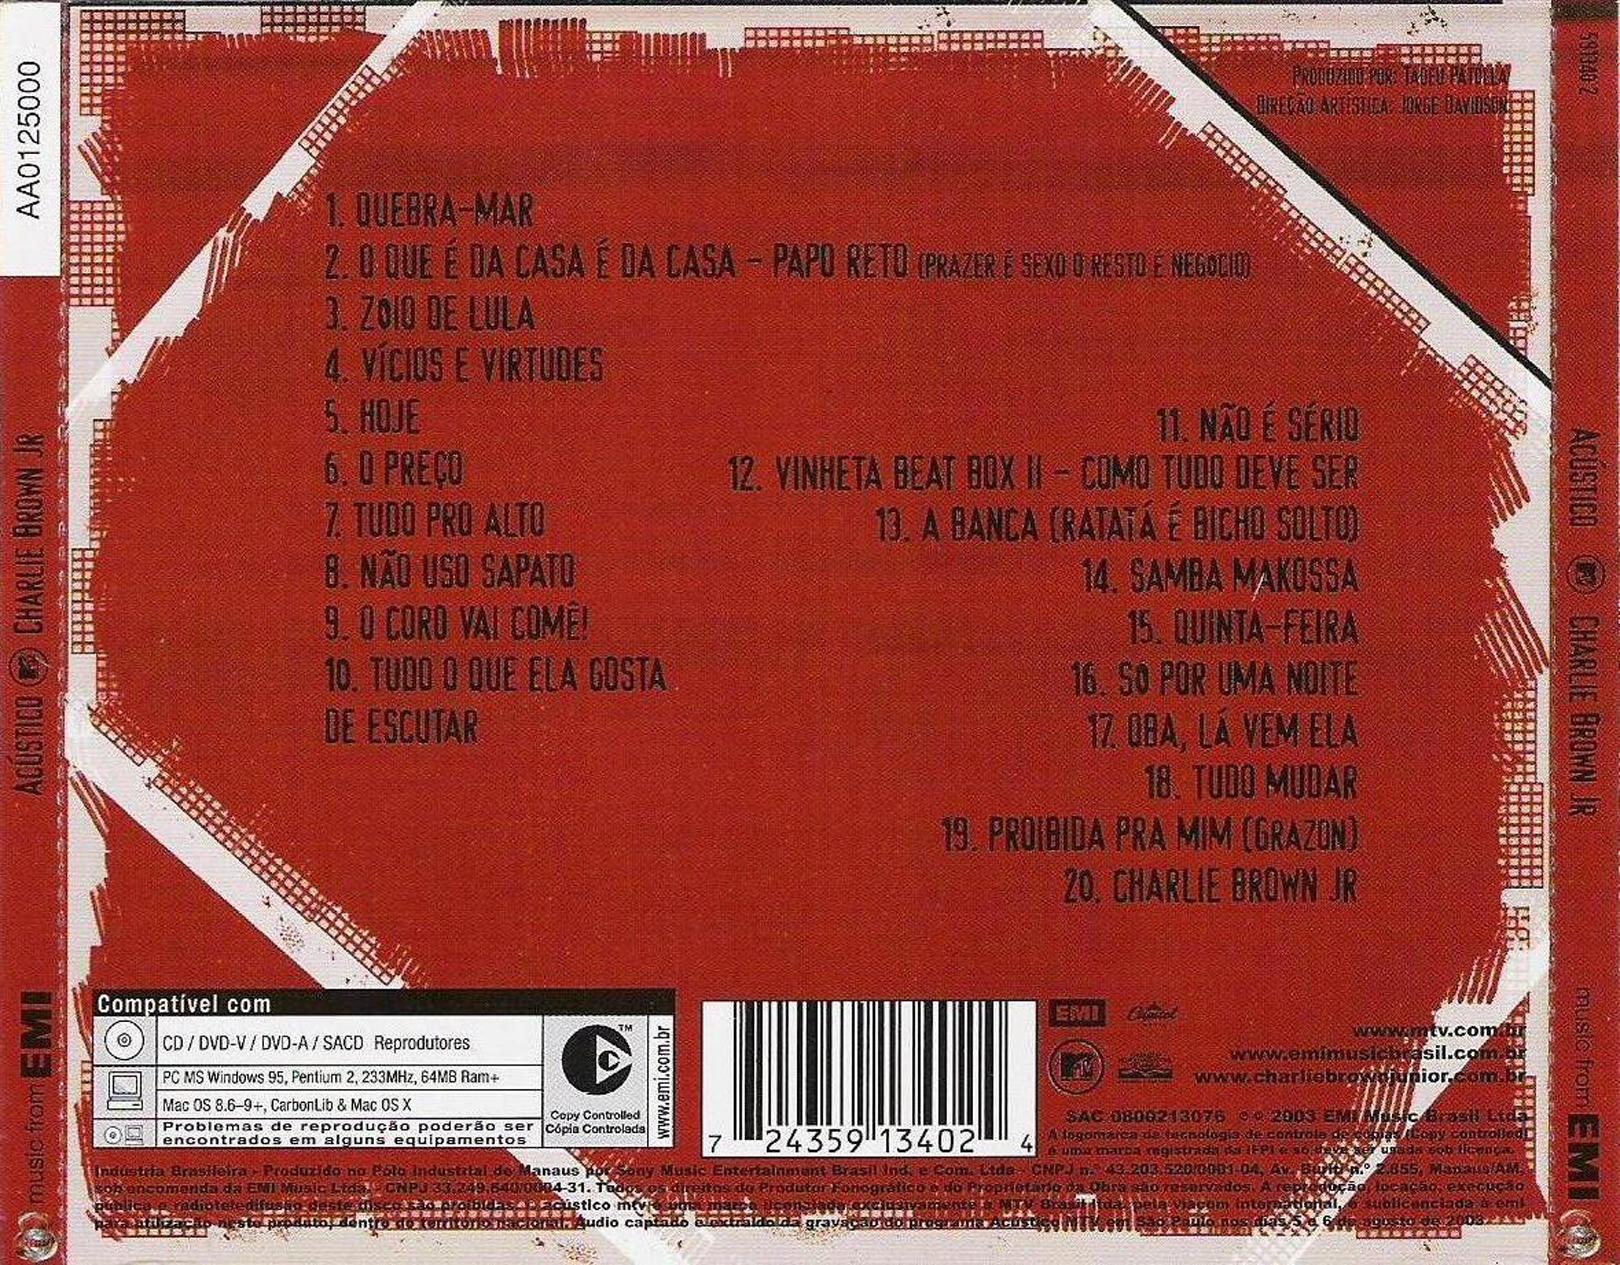 Charlie brown jr. (acústico ao vivo) completo [hq] [download na.